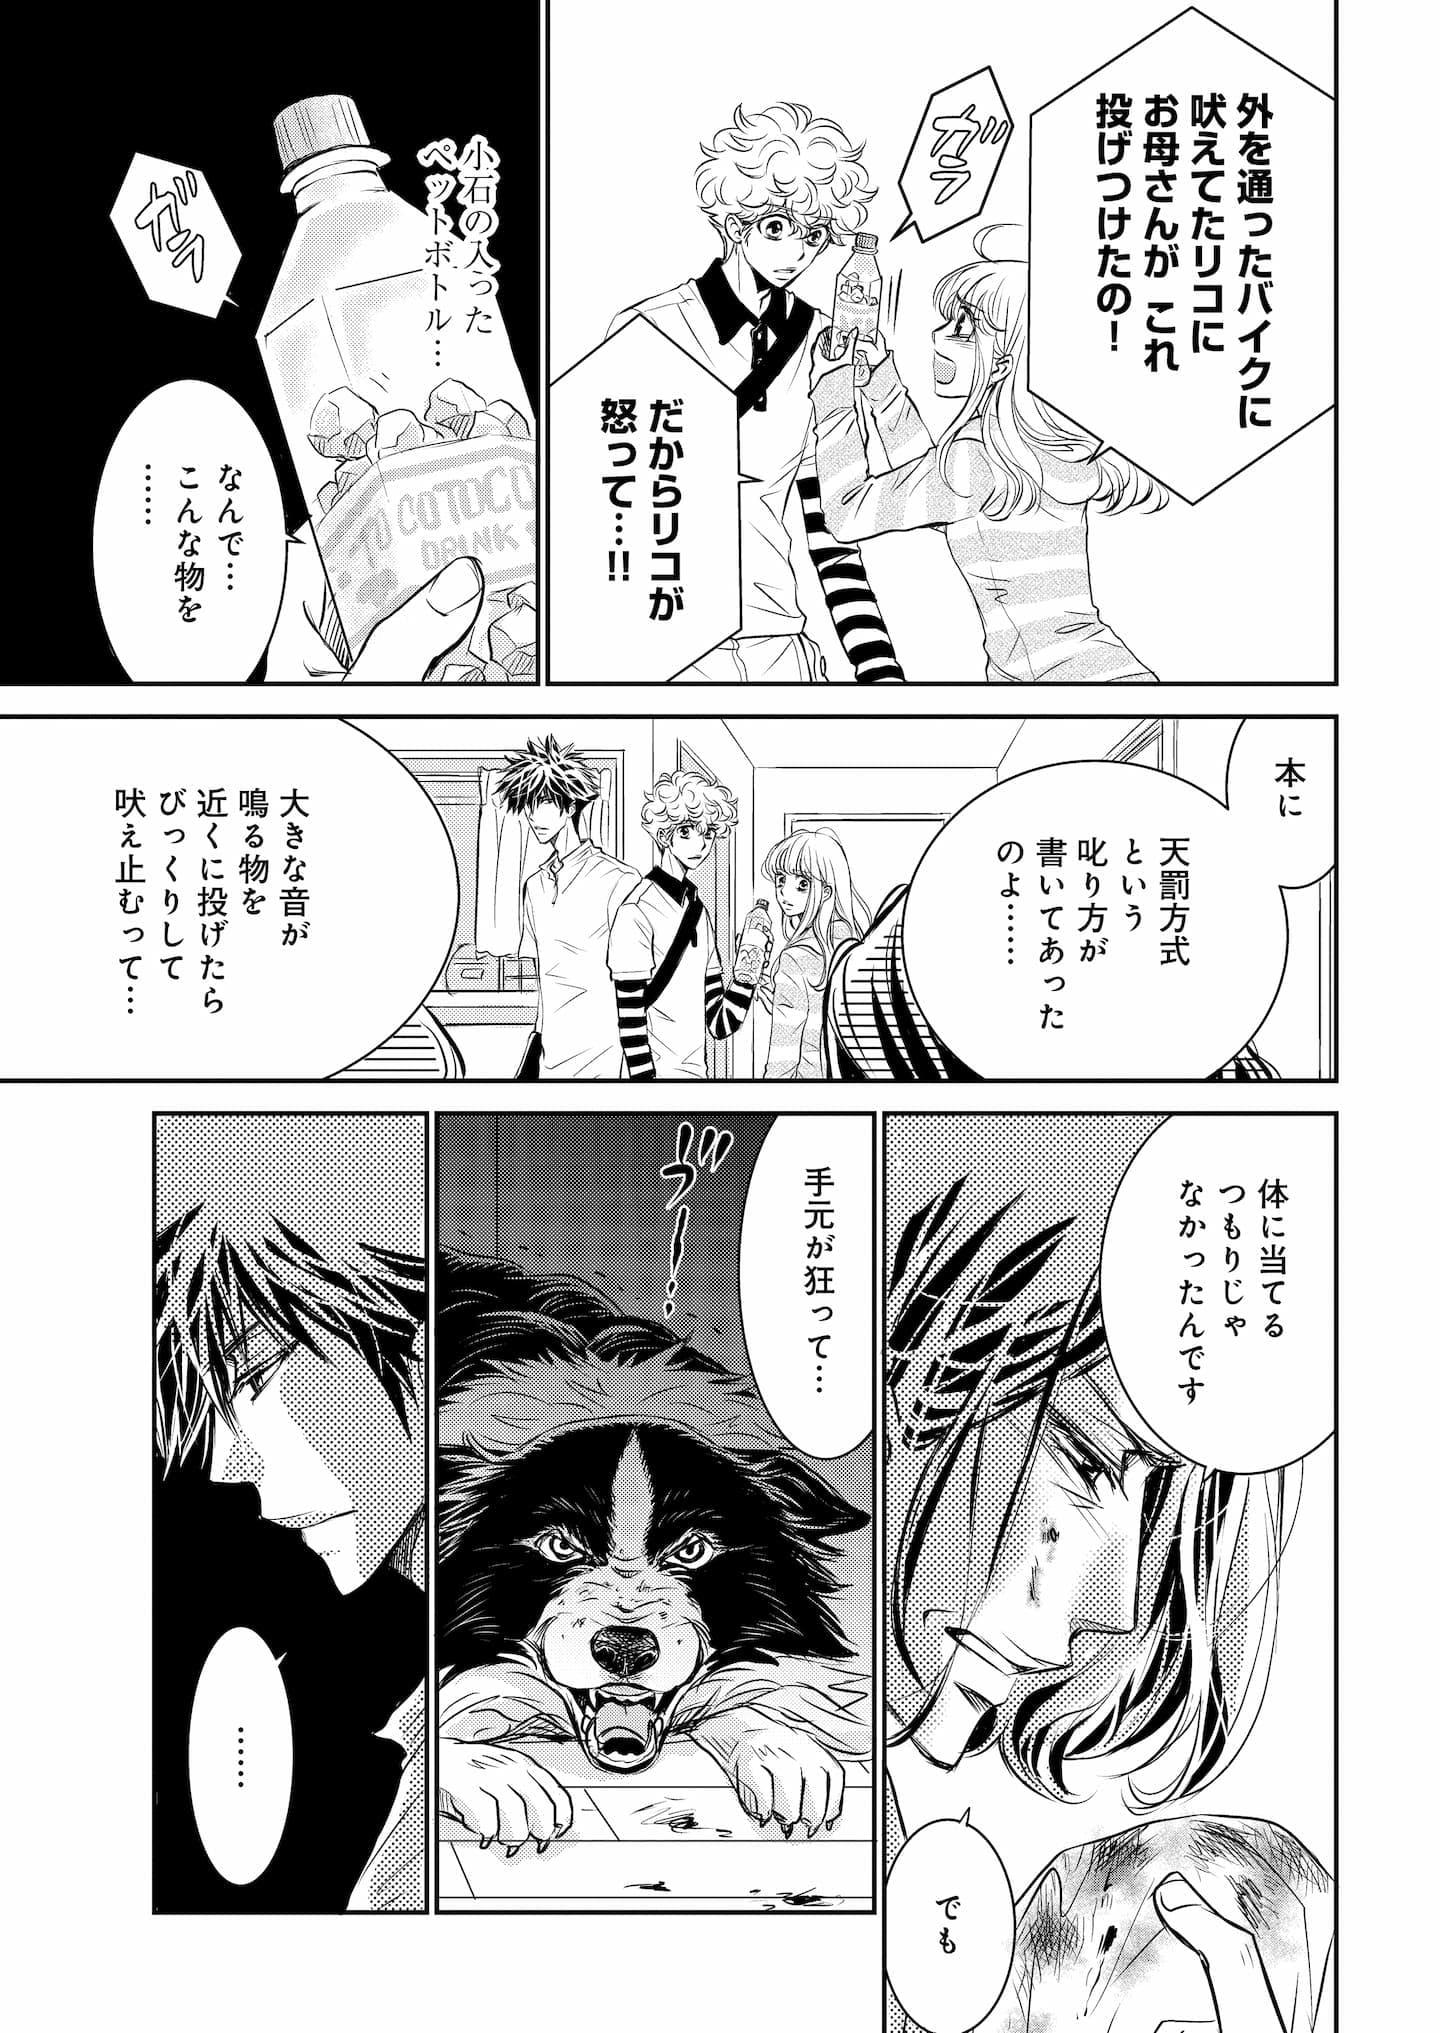 『DOG SIGNAL』5話目① 2ページ目